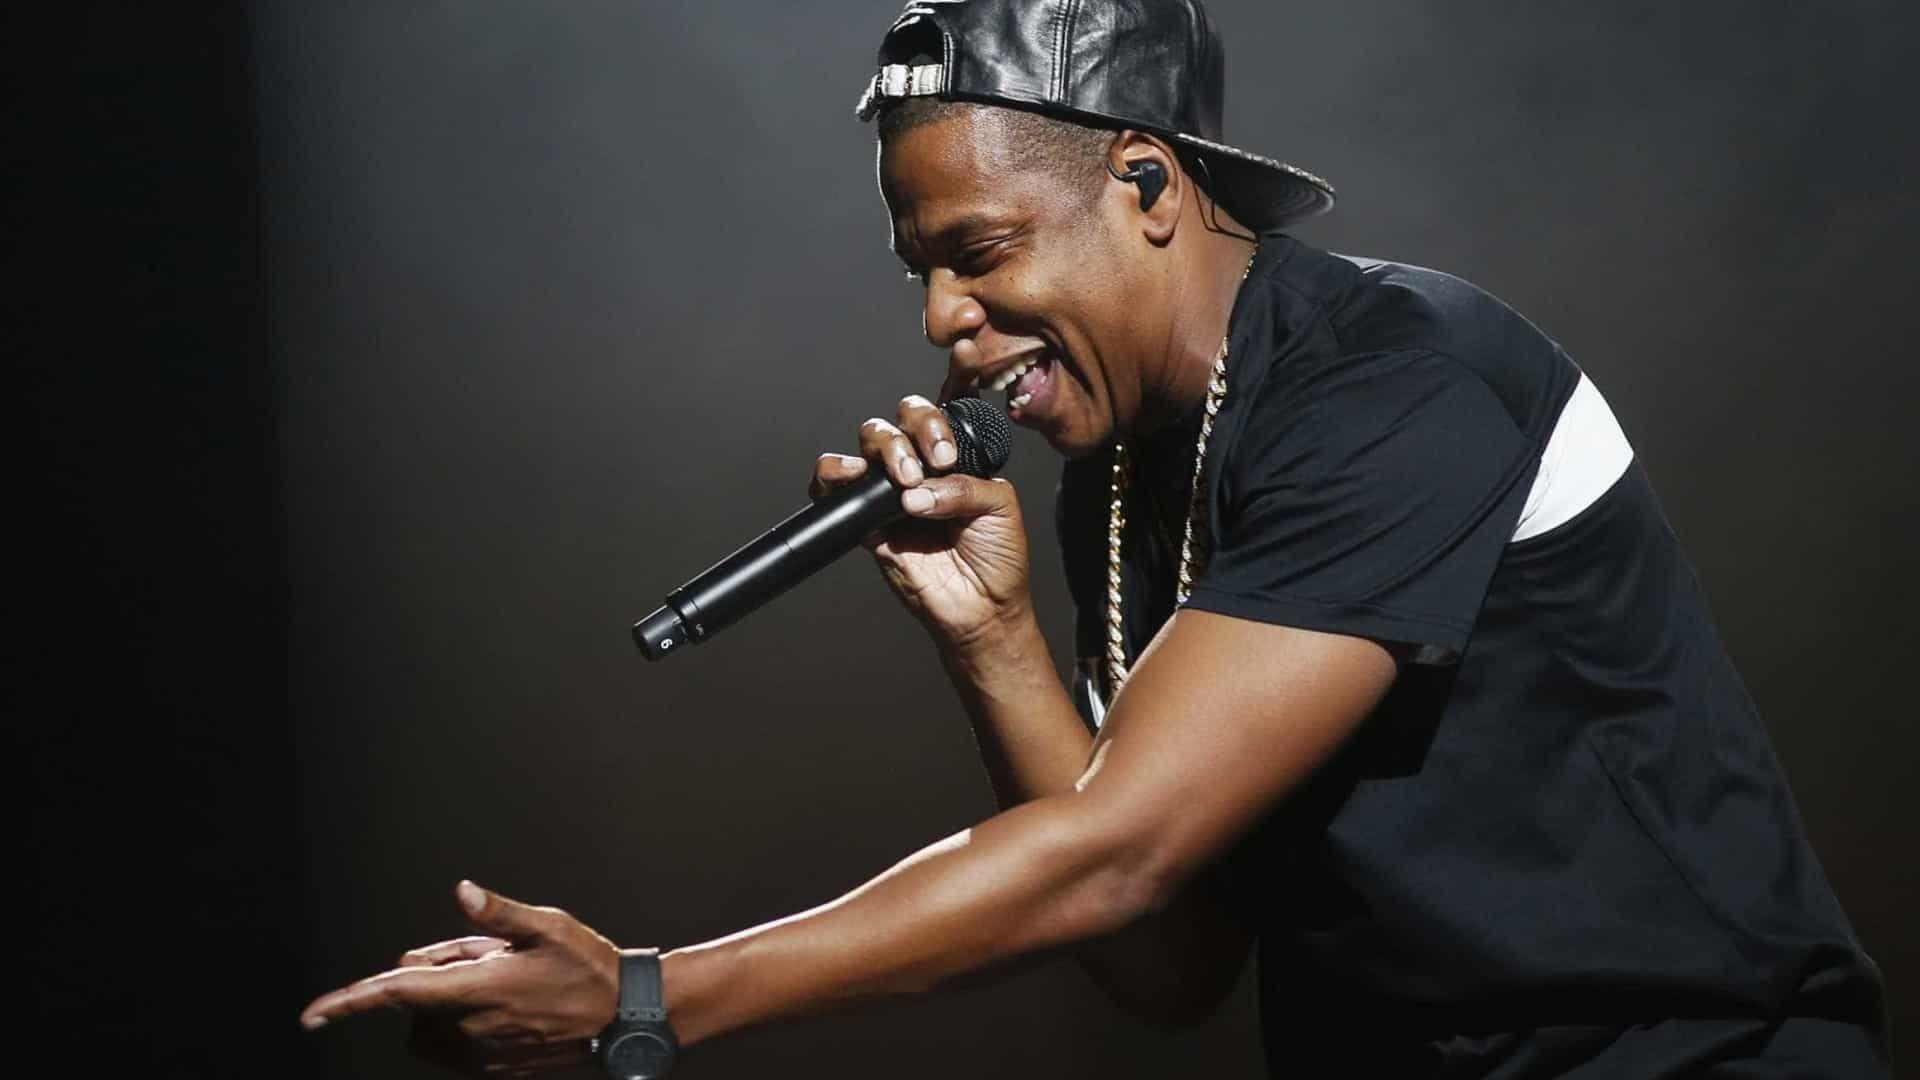 Jay Z Cool Wallpaper